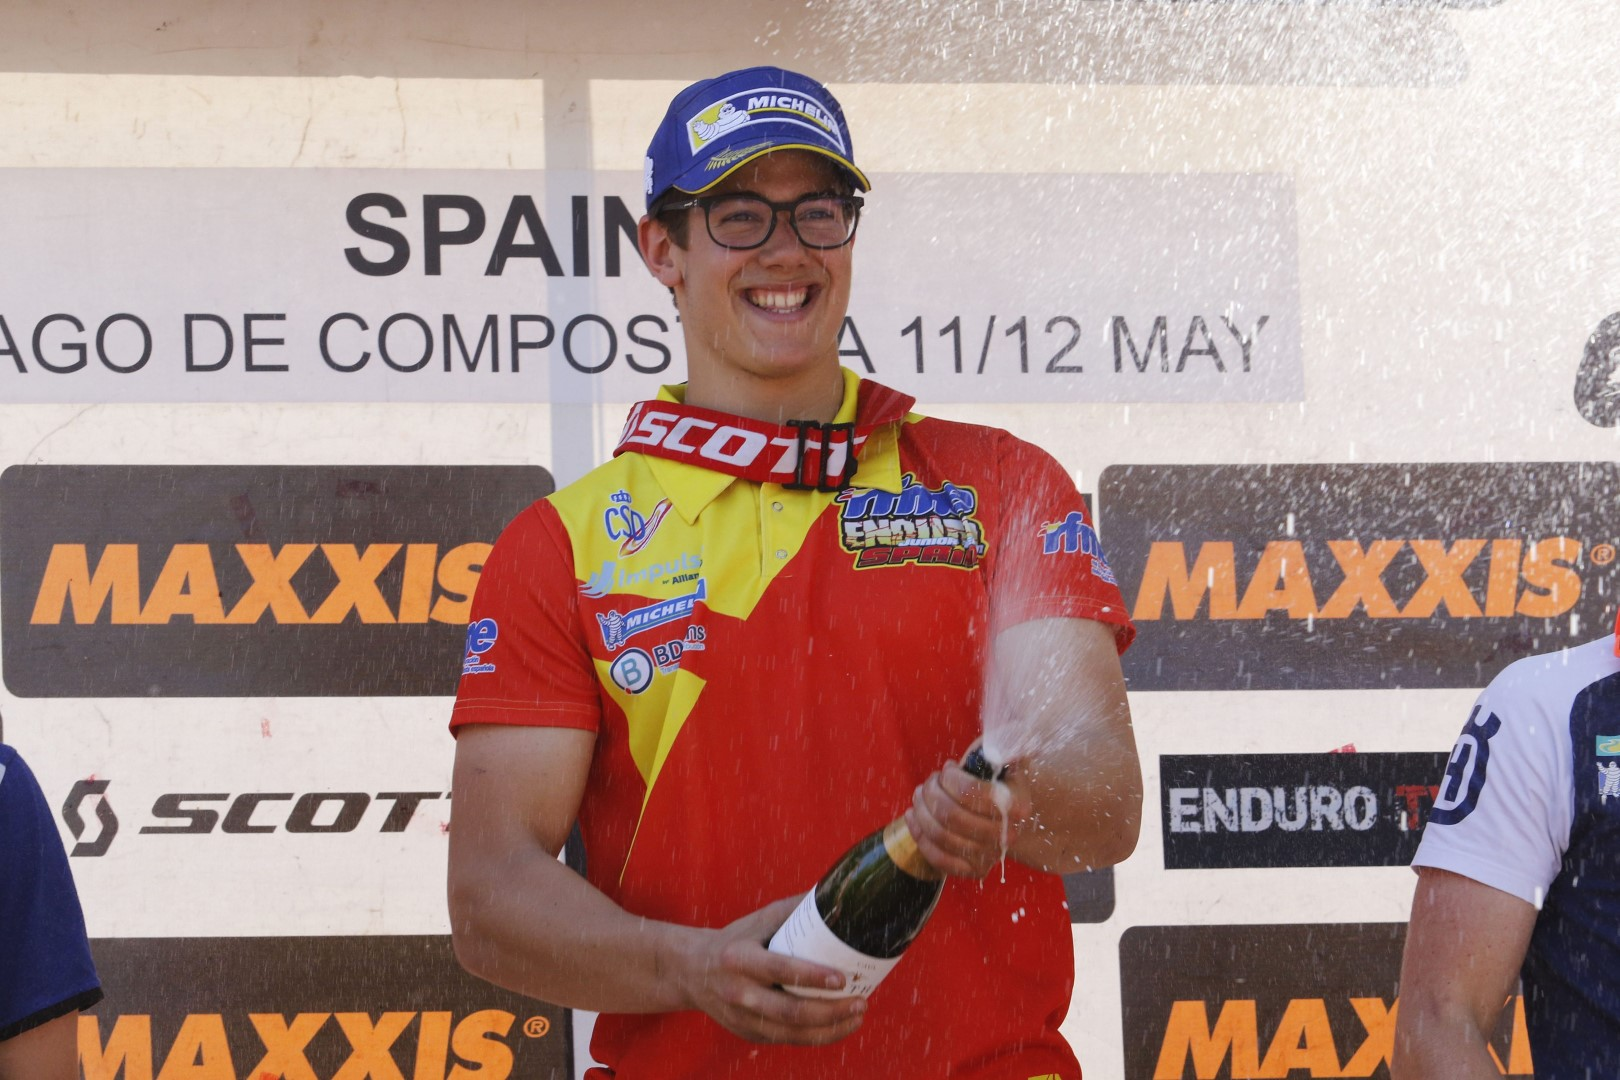 Nueva victoria de Enric Francisco en Junior en el EnduroGP de España